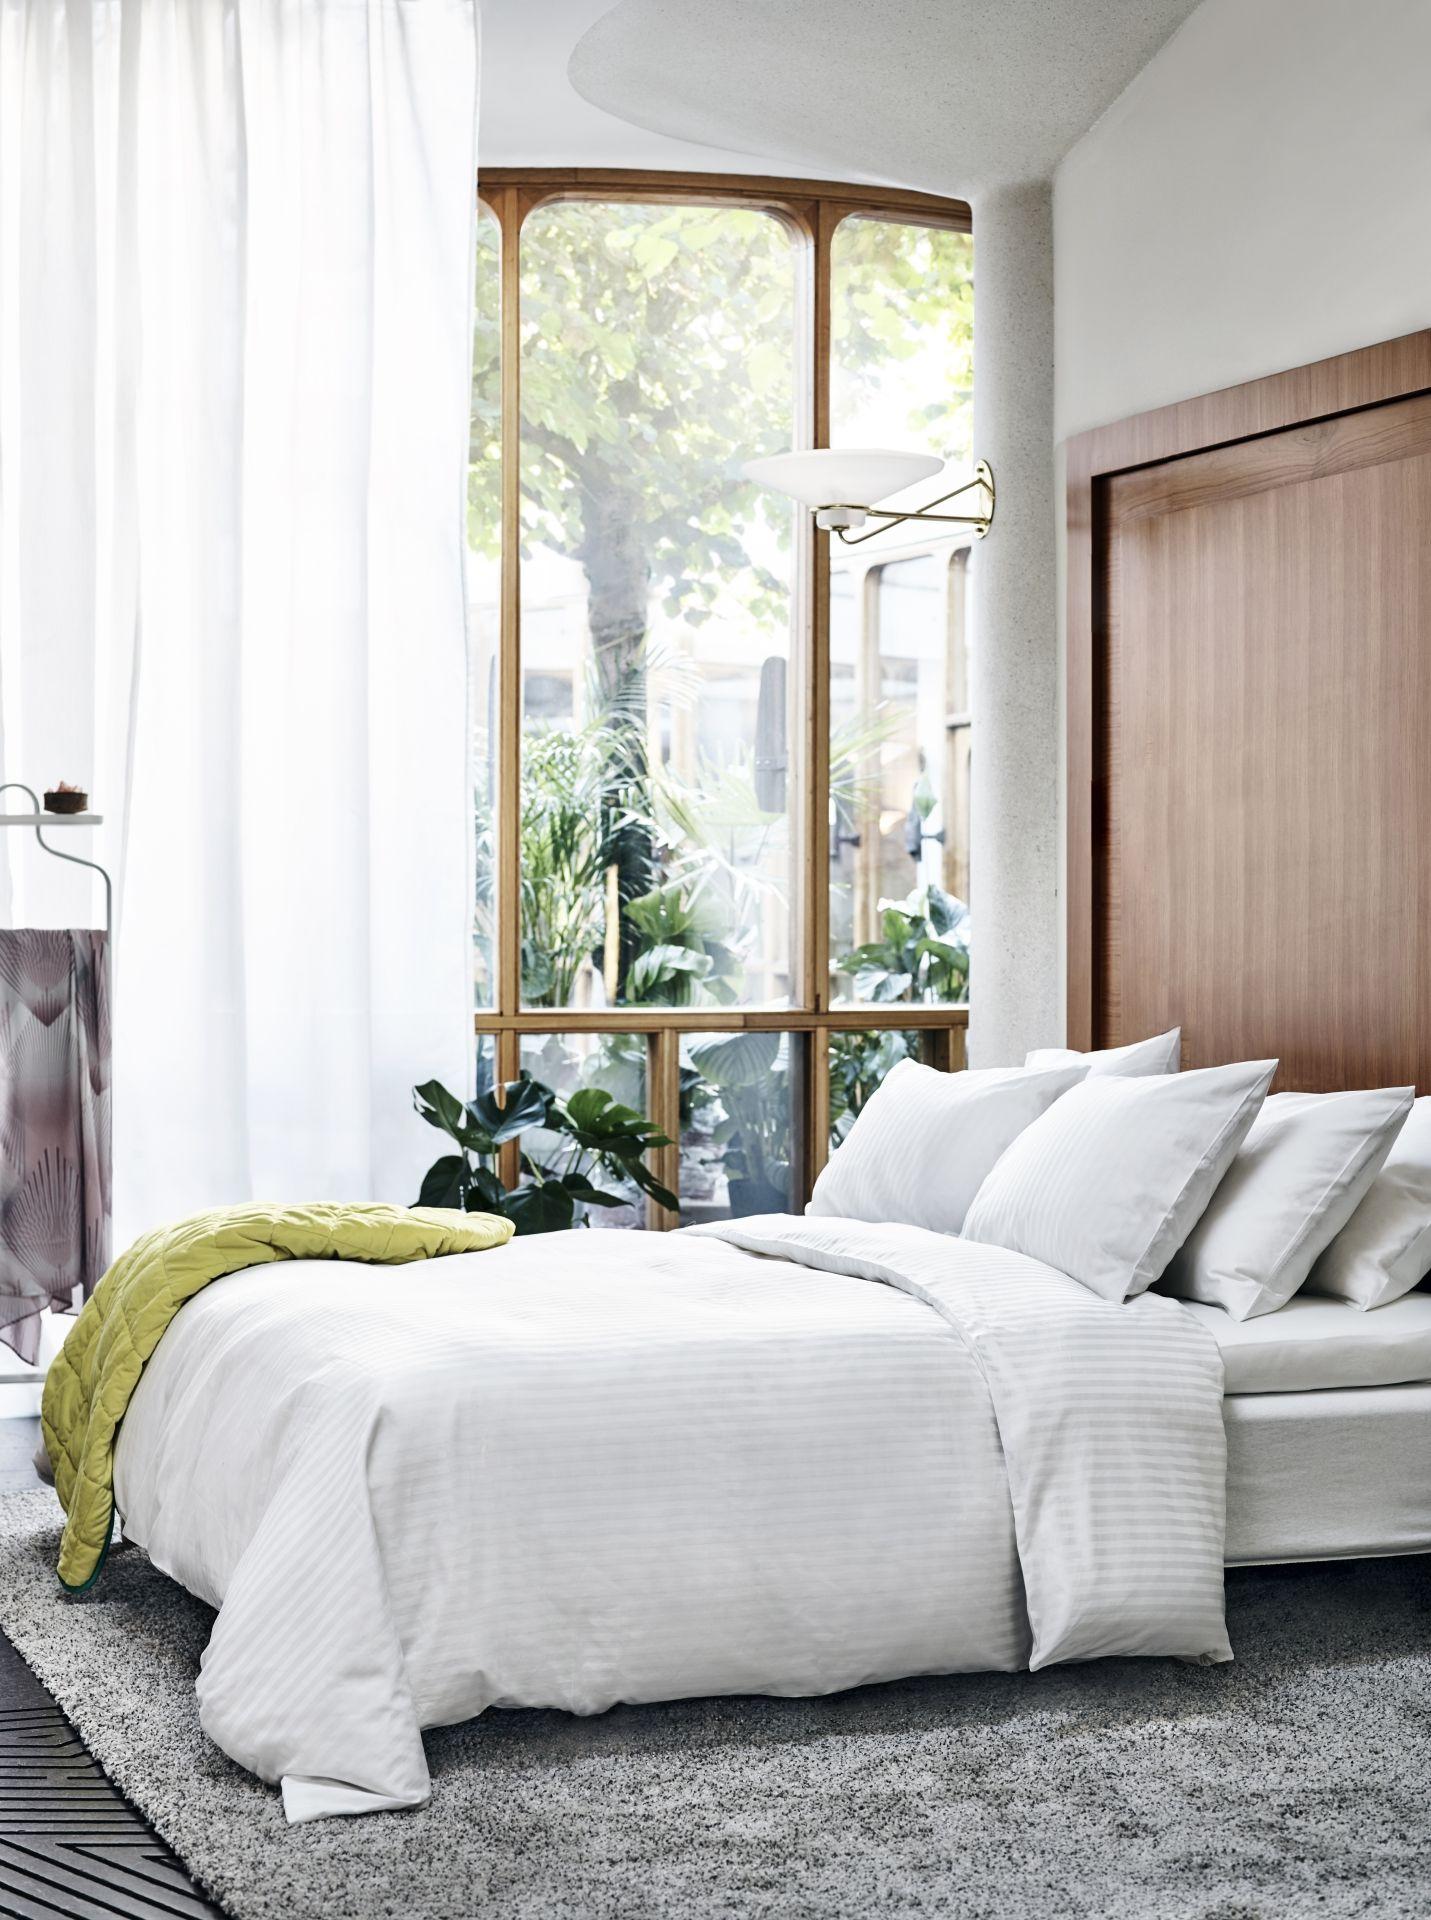 Schlafzimmer Betten Matratzen Schlafzimmermobel Schlafzimmer Dekorieren Wohnen Und Zeigt Her Eure Wohnung